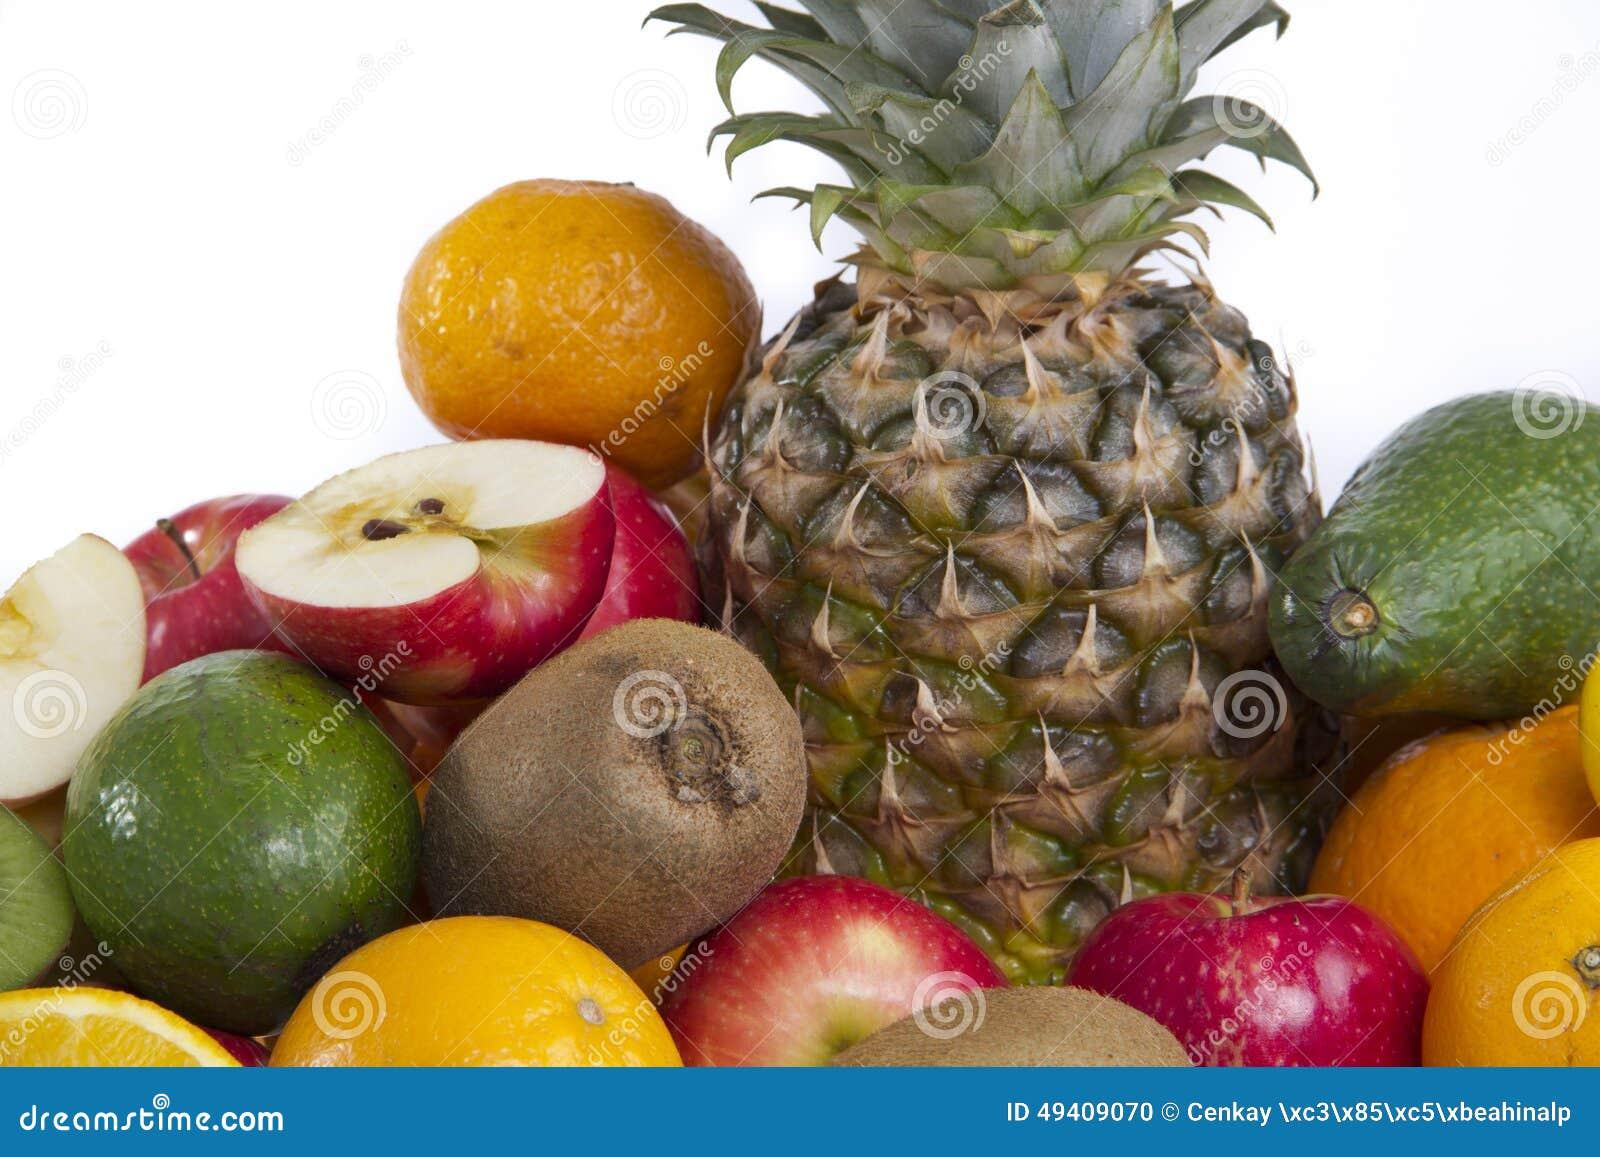 Download Ananas, Abschluss Der Tropischen Frucht Oben Lokalisiert Stockfoto - Bild von gesund, zusammenstellung: 49409070